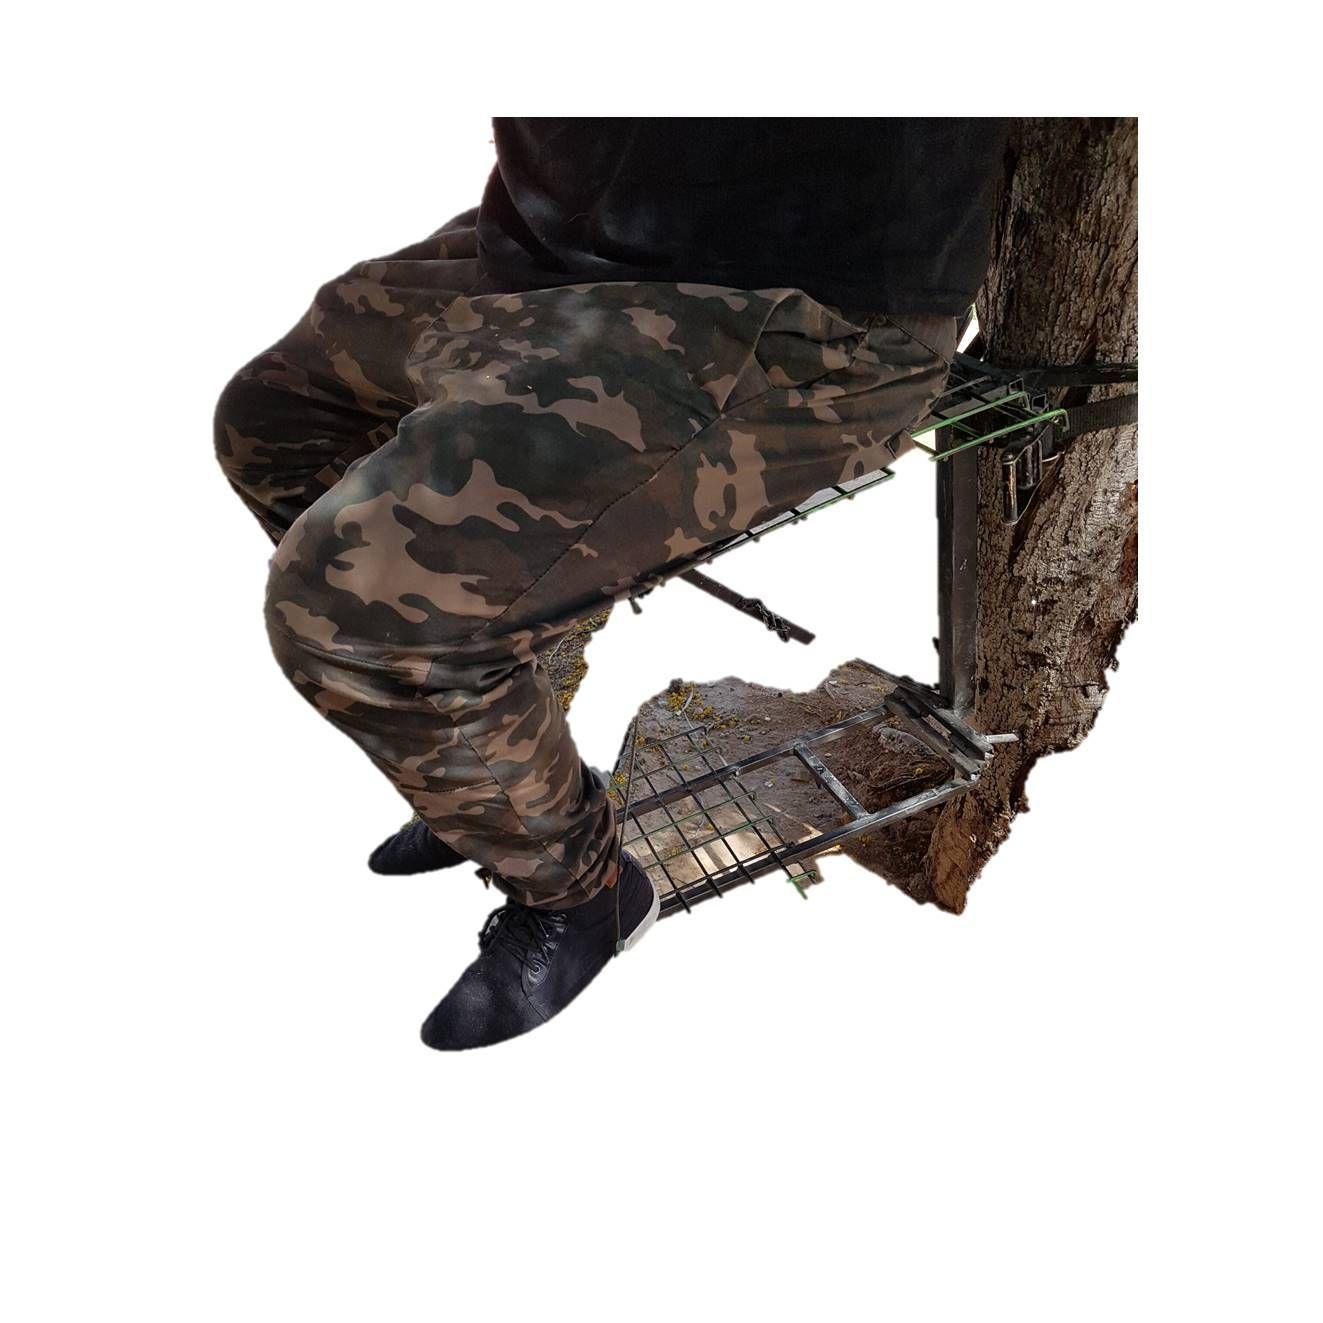 Silla de espera metálica para sujetar al tronco: Tienda online de Artículos de Caza